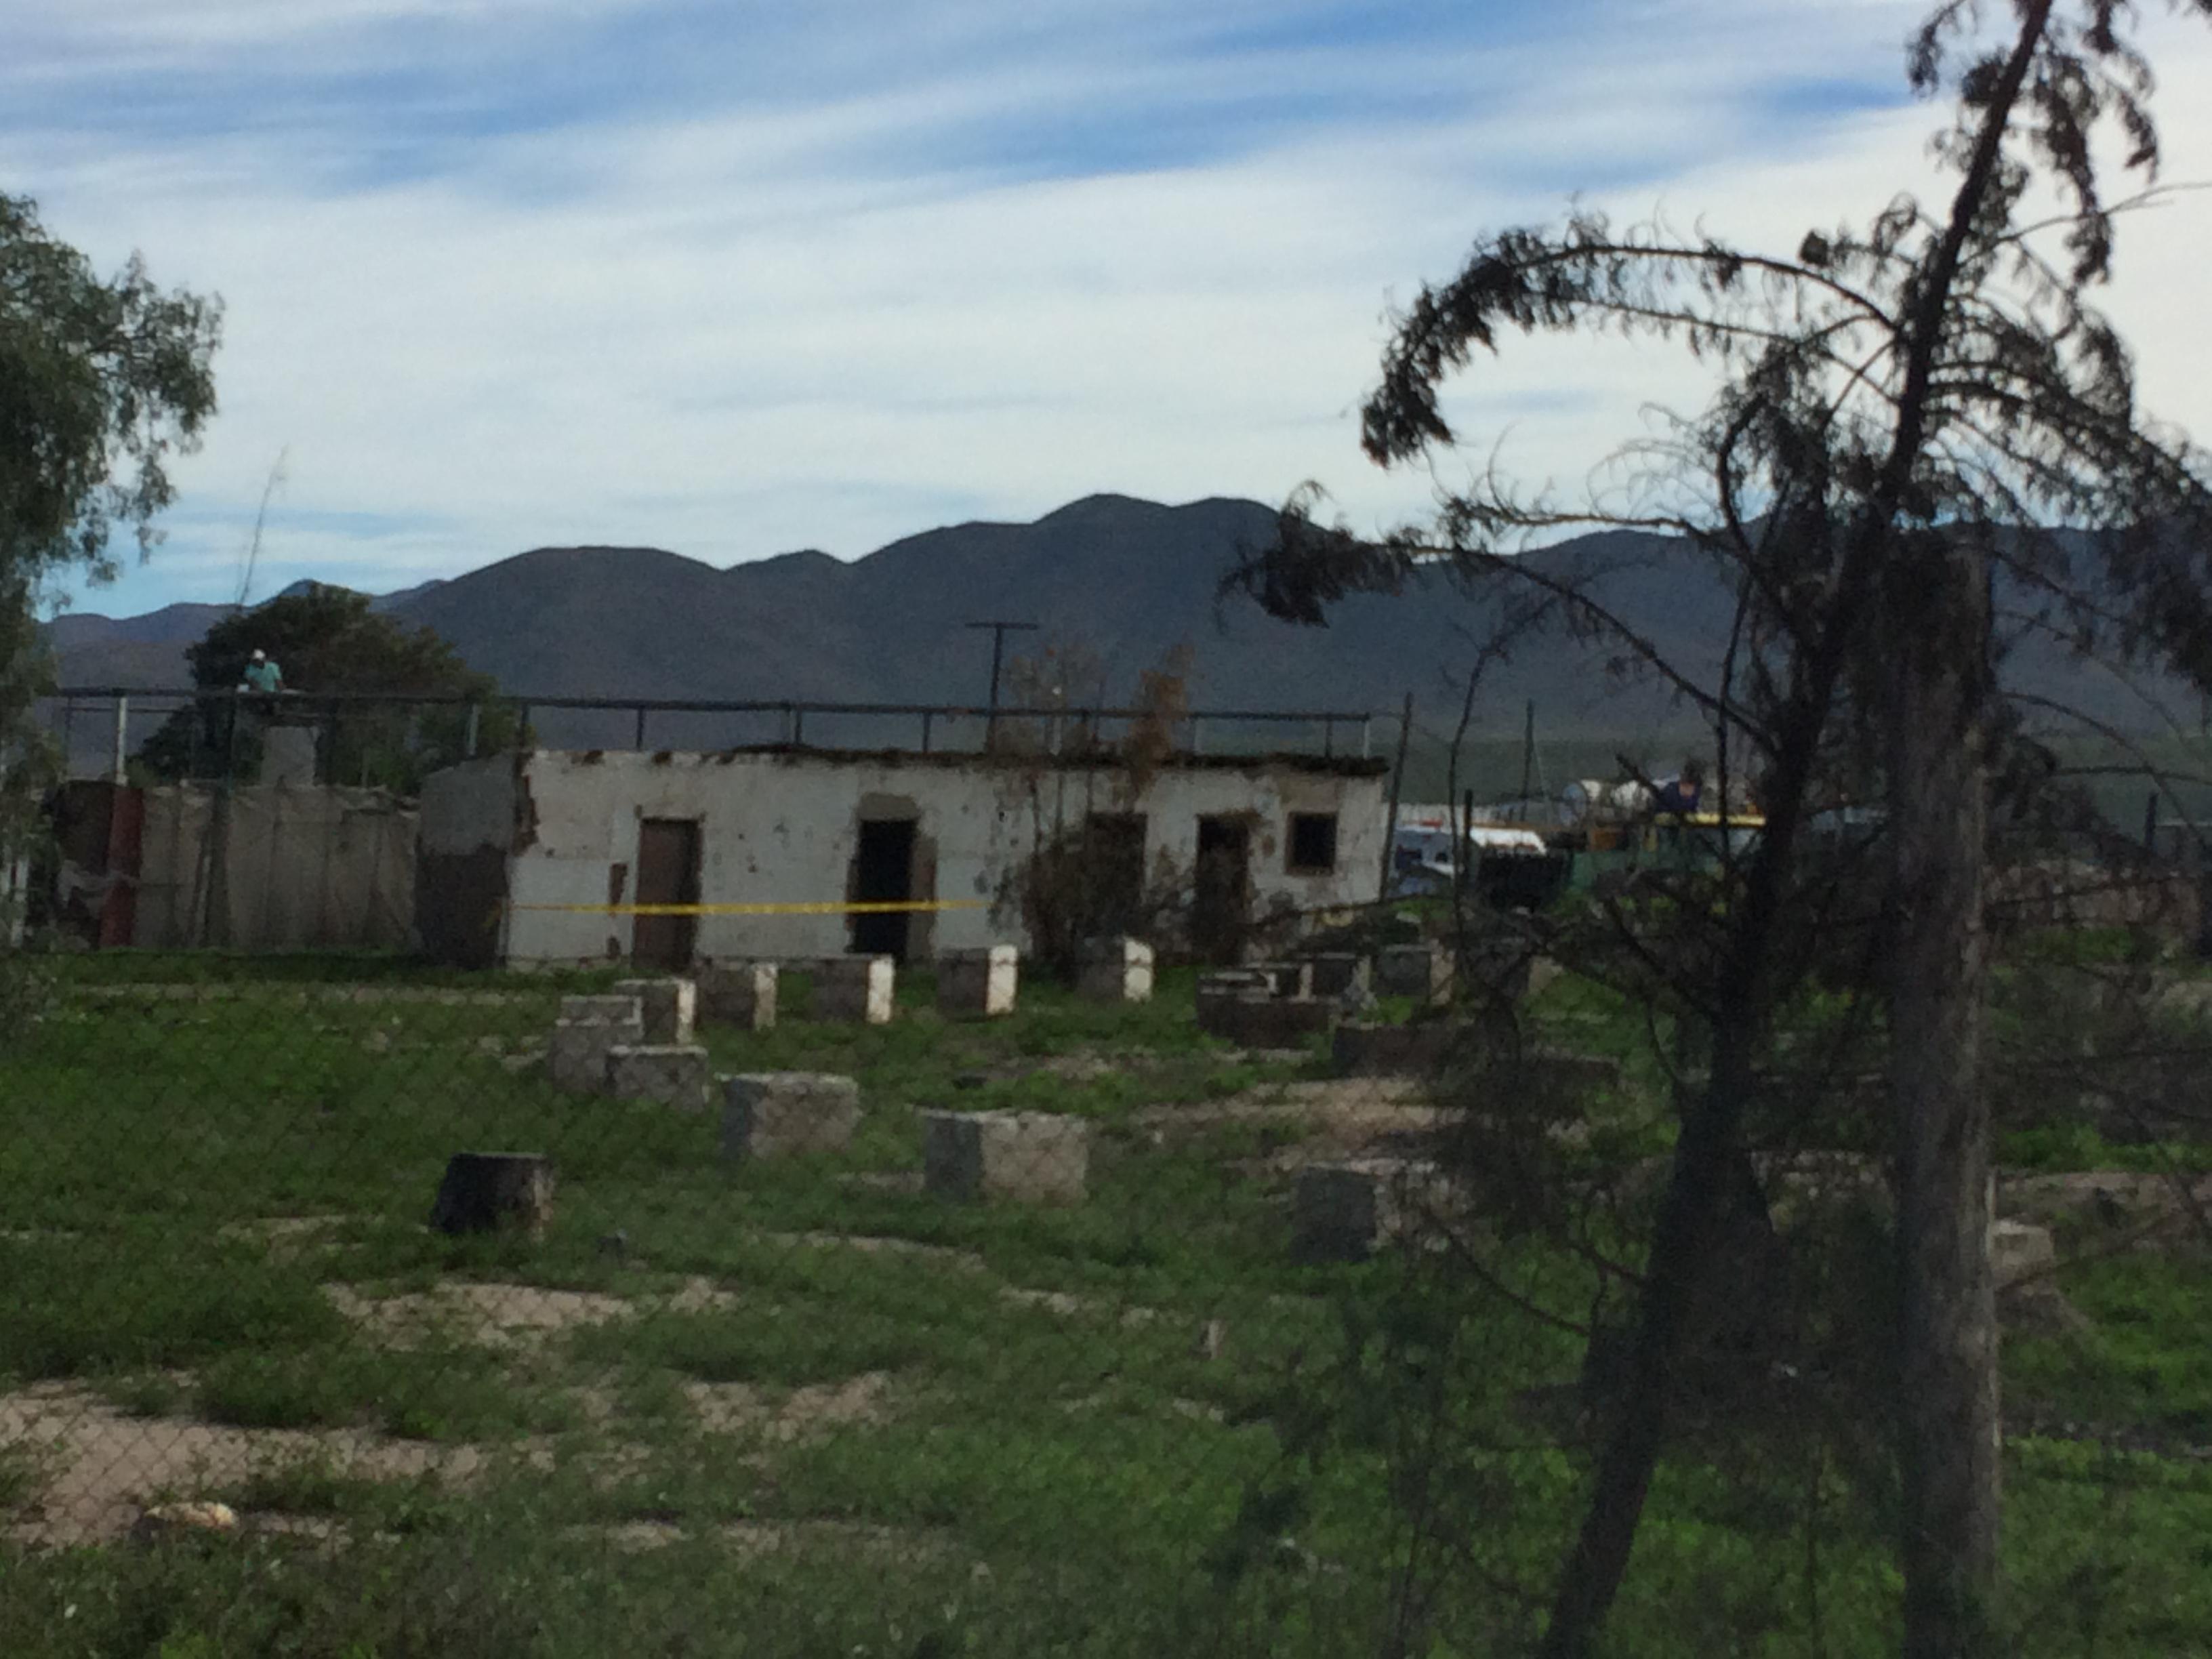 Encuentran cuerpo sin vida en casa abandonada en Vallenar